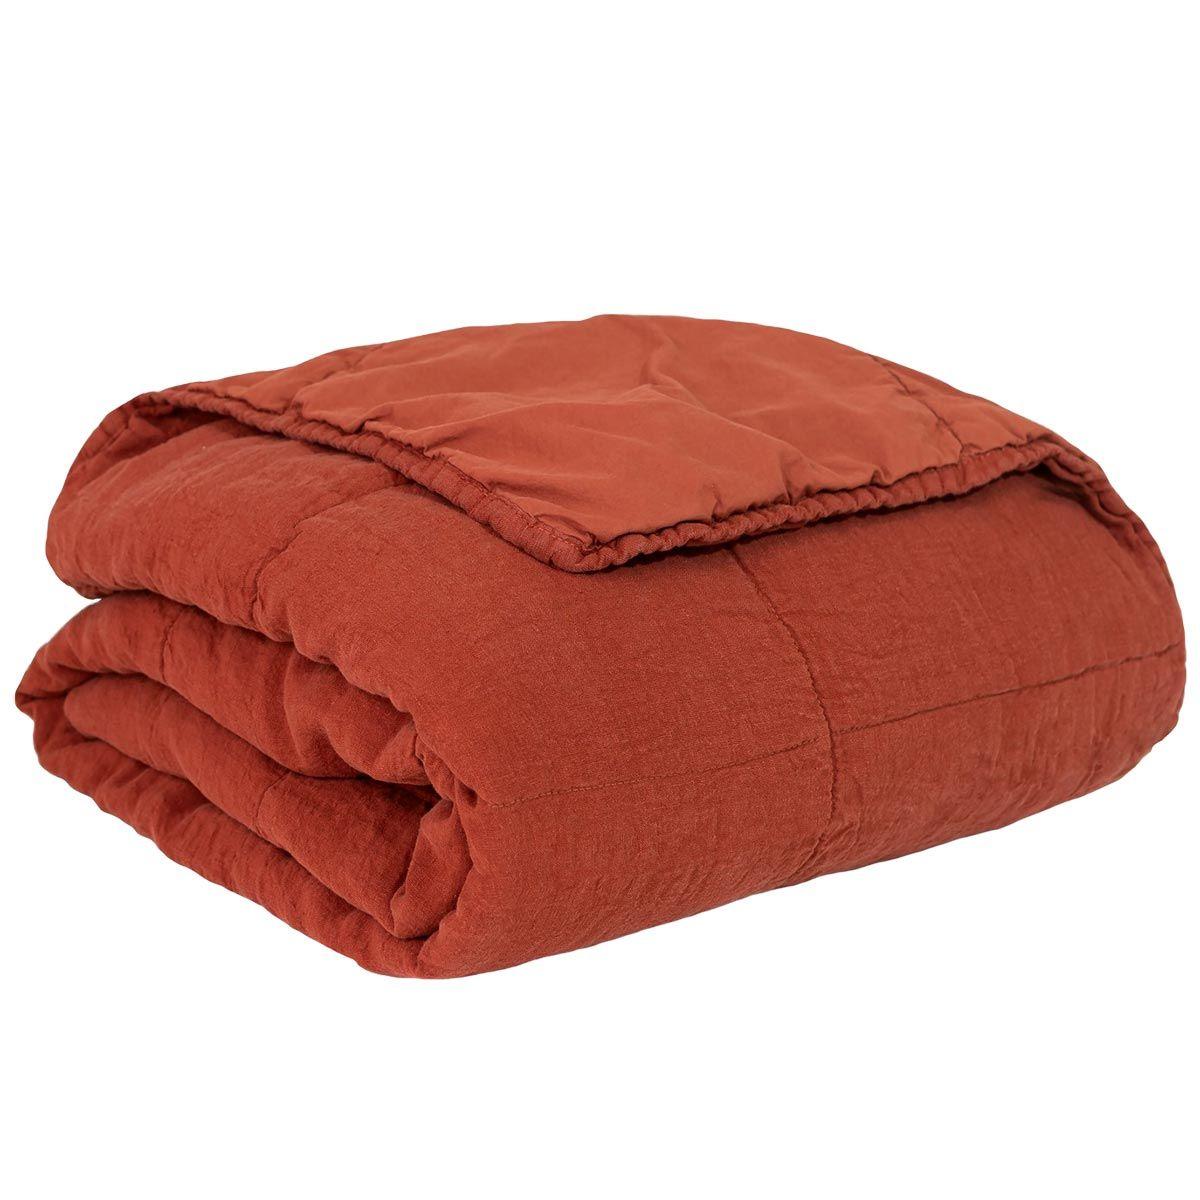 Couvre-lit en lin et coton lavé 180x250cm rouge